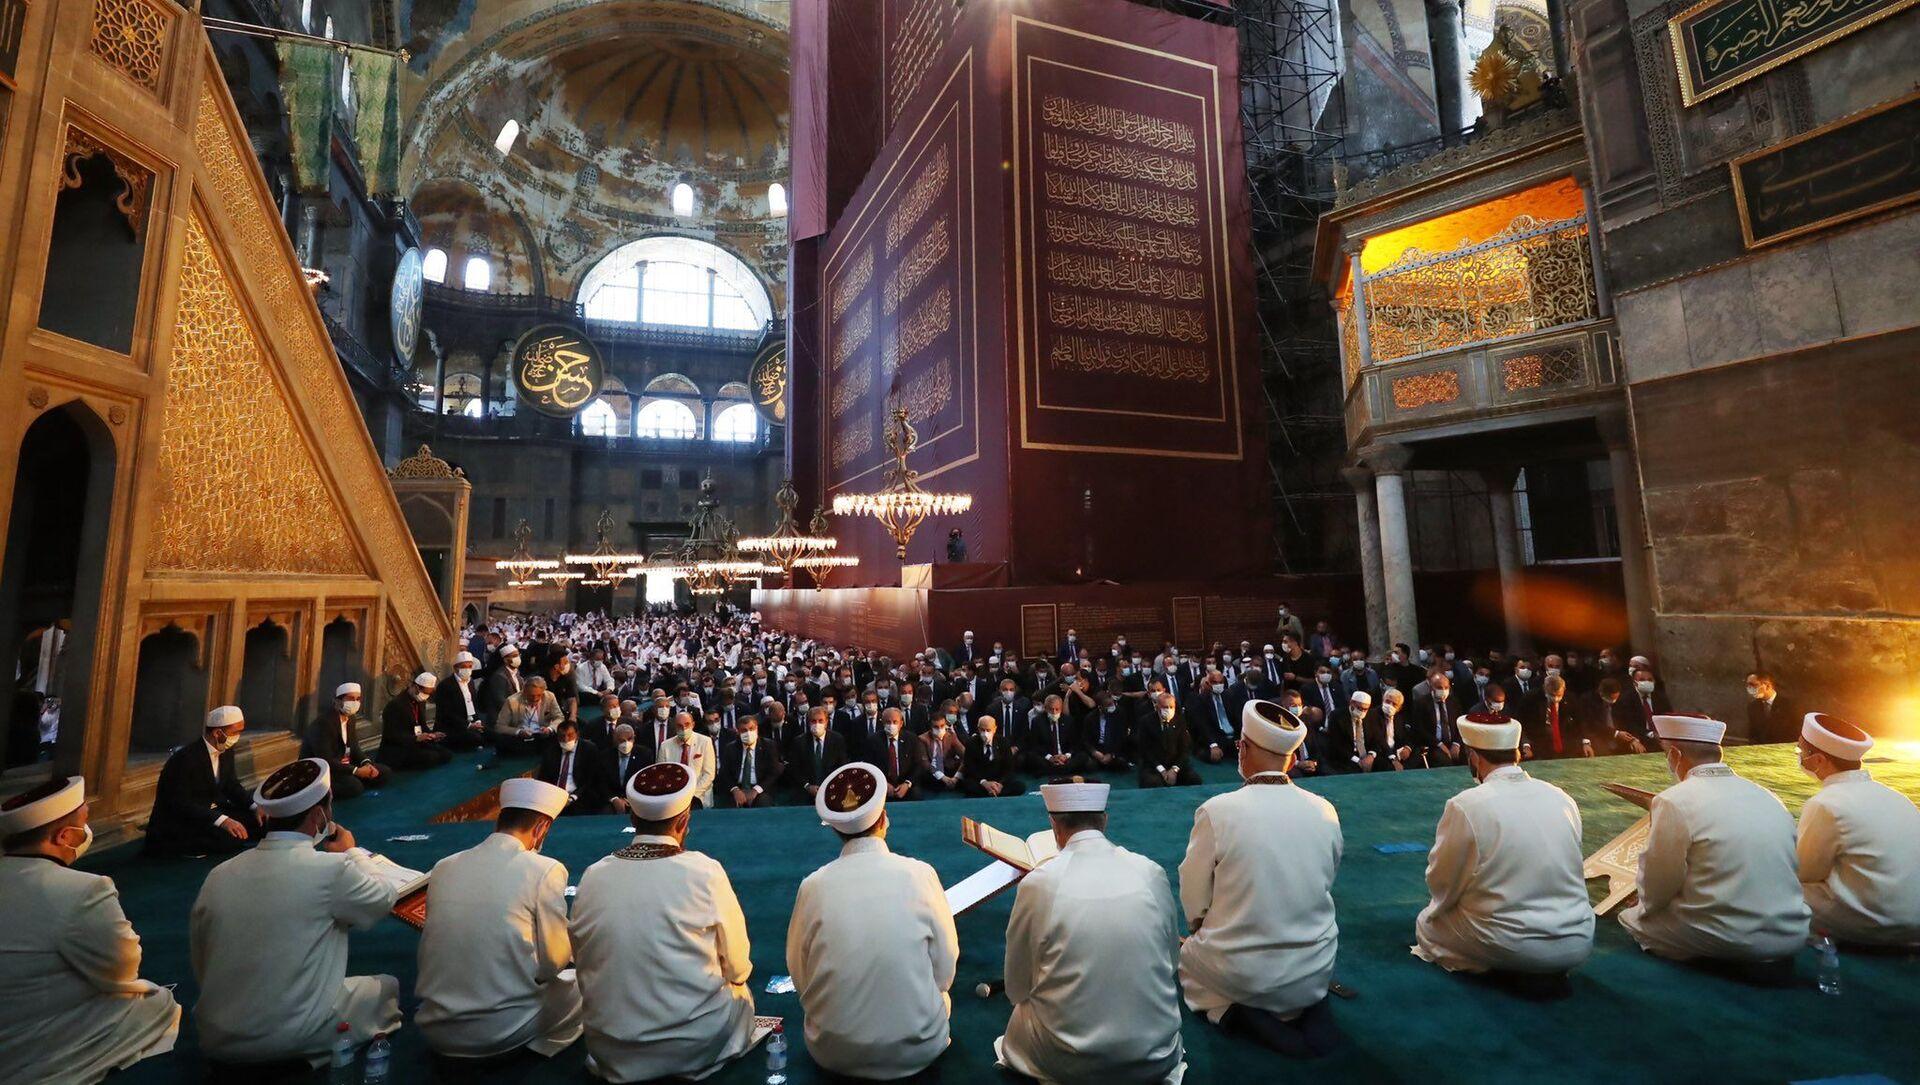 La prima preghiera musulmana dopo una pausa di 86 anni si svolge venerdì mattina presso Santa Sofia a Istanbul, trasformata in una moschea - Sputnik Italia, 1920, 13.05.2021